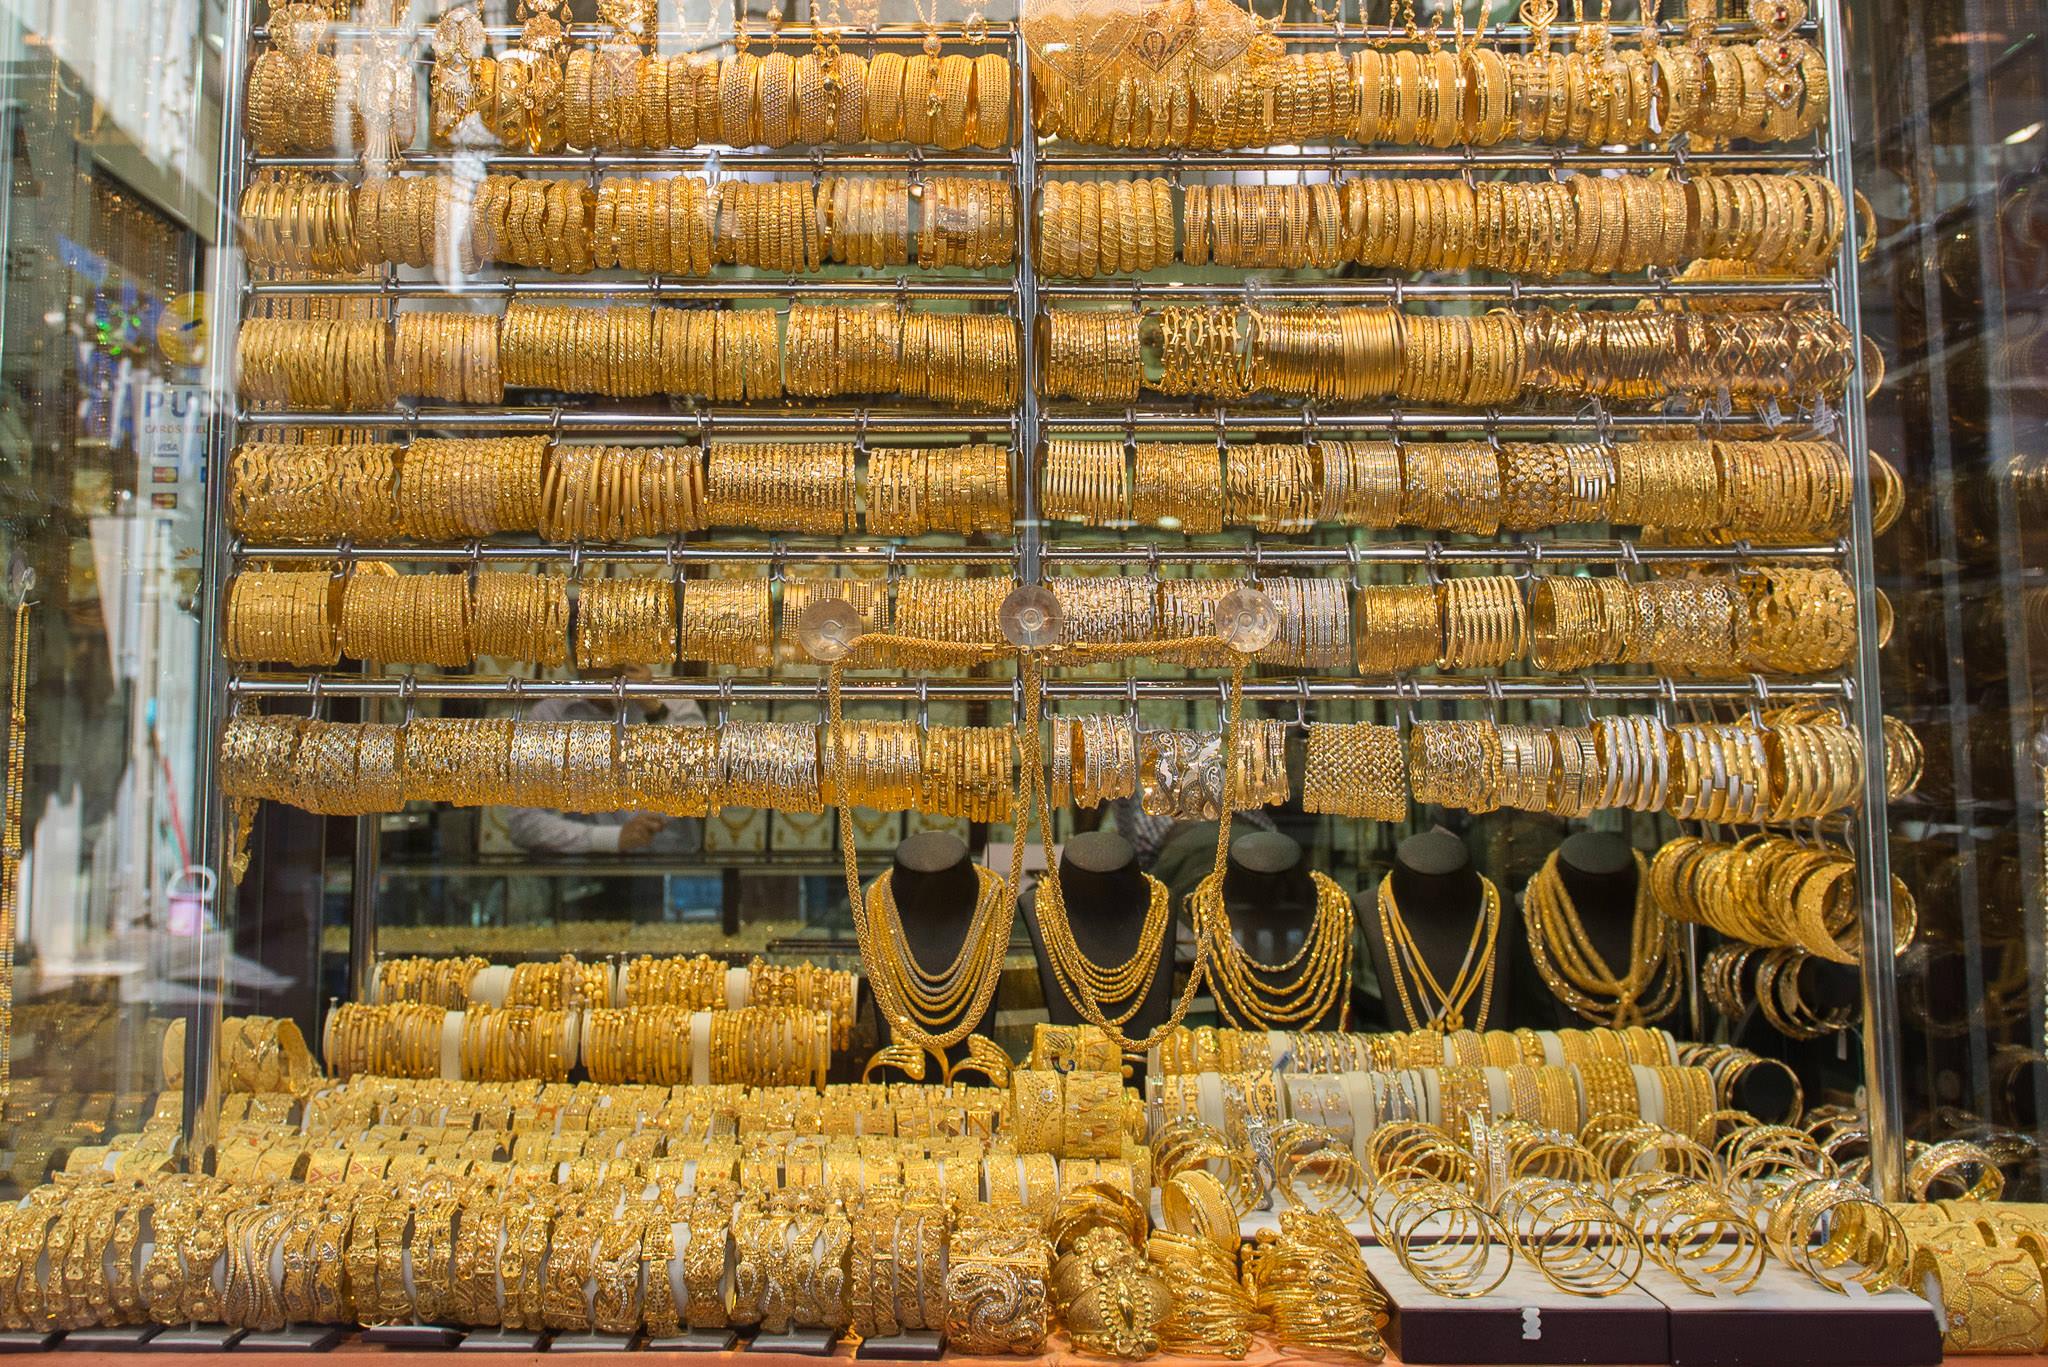 Unexpected Dubai: Camel races, textile market, spice and